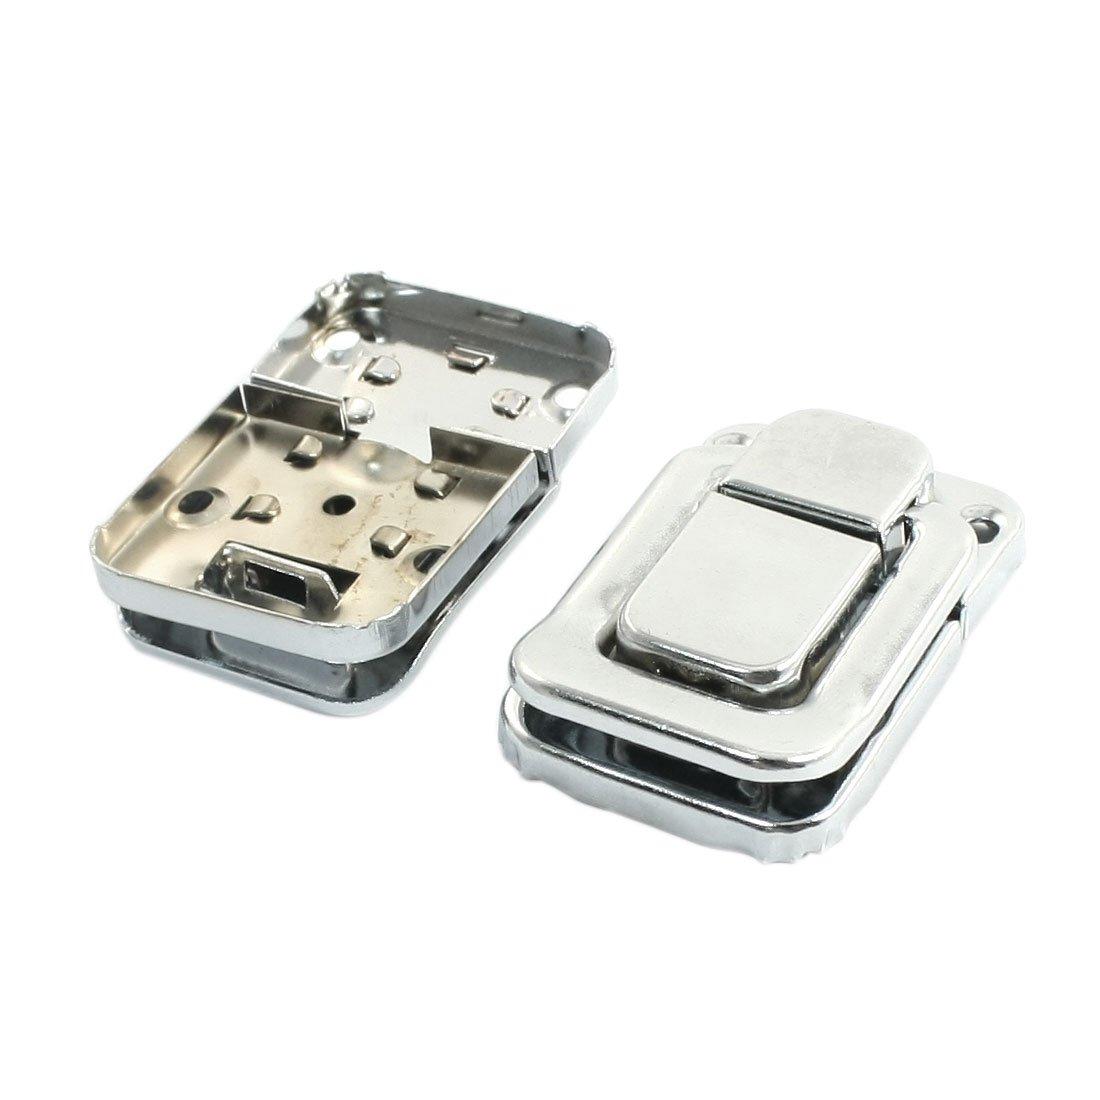 Sourcingmap a14041000ux1368 Partie 3 mm Trou de fixation de bagages avec fermoir à bascule en métal Argenté 2 pièces